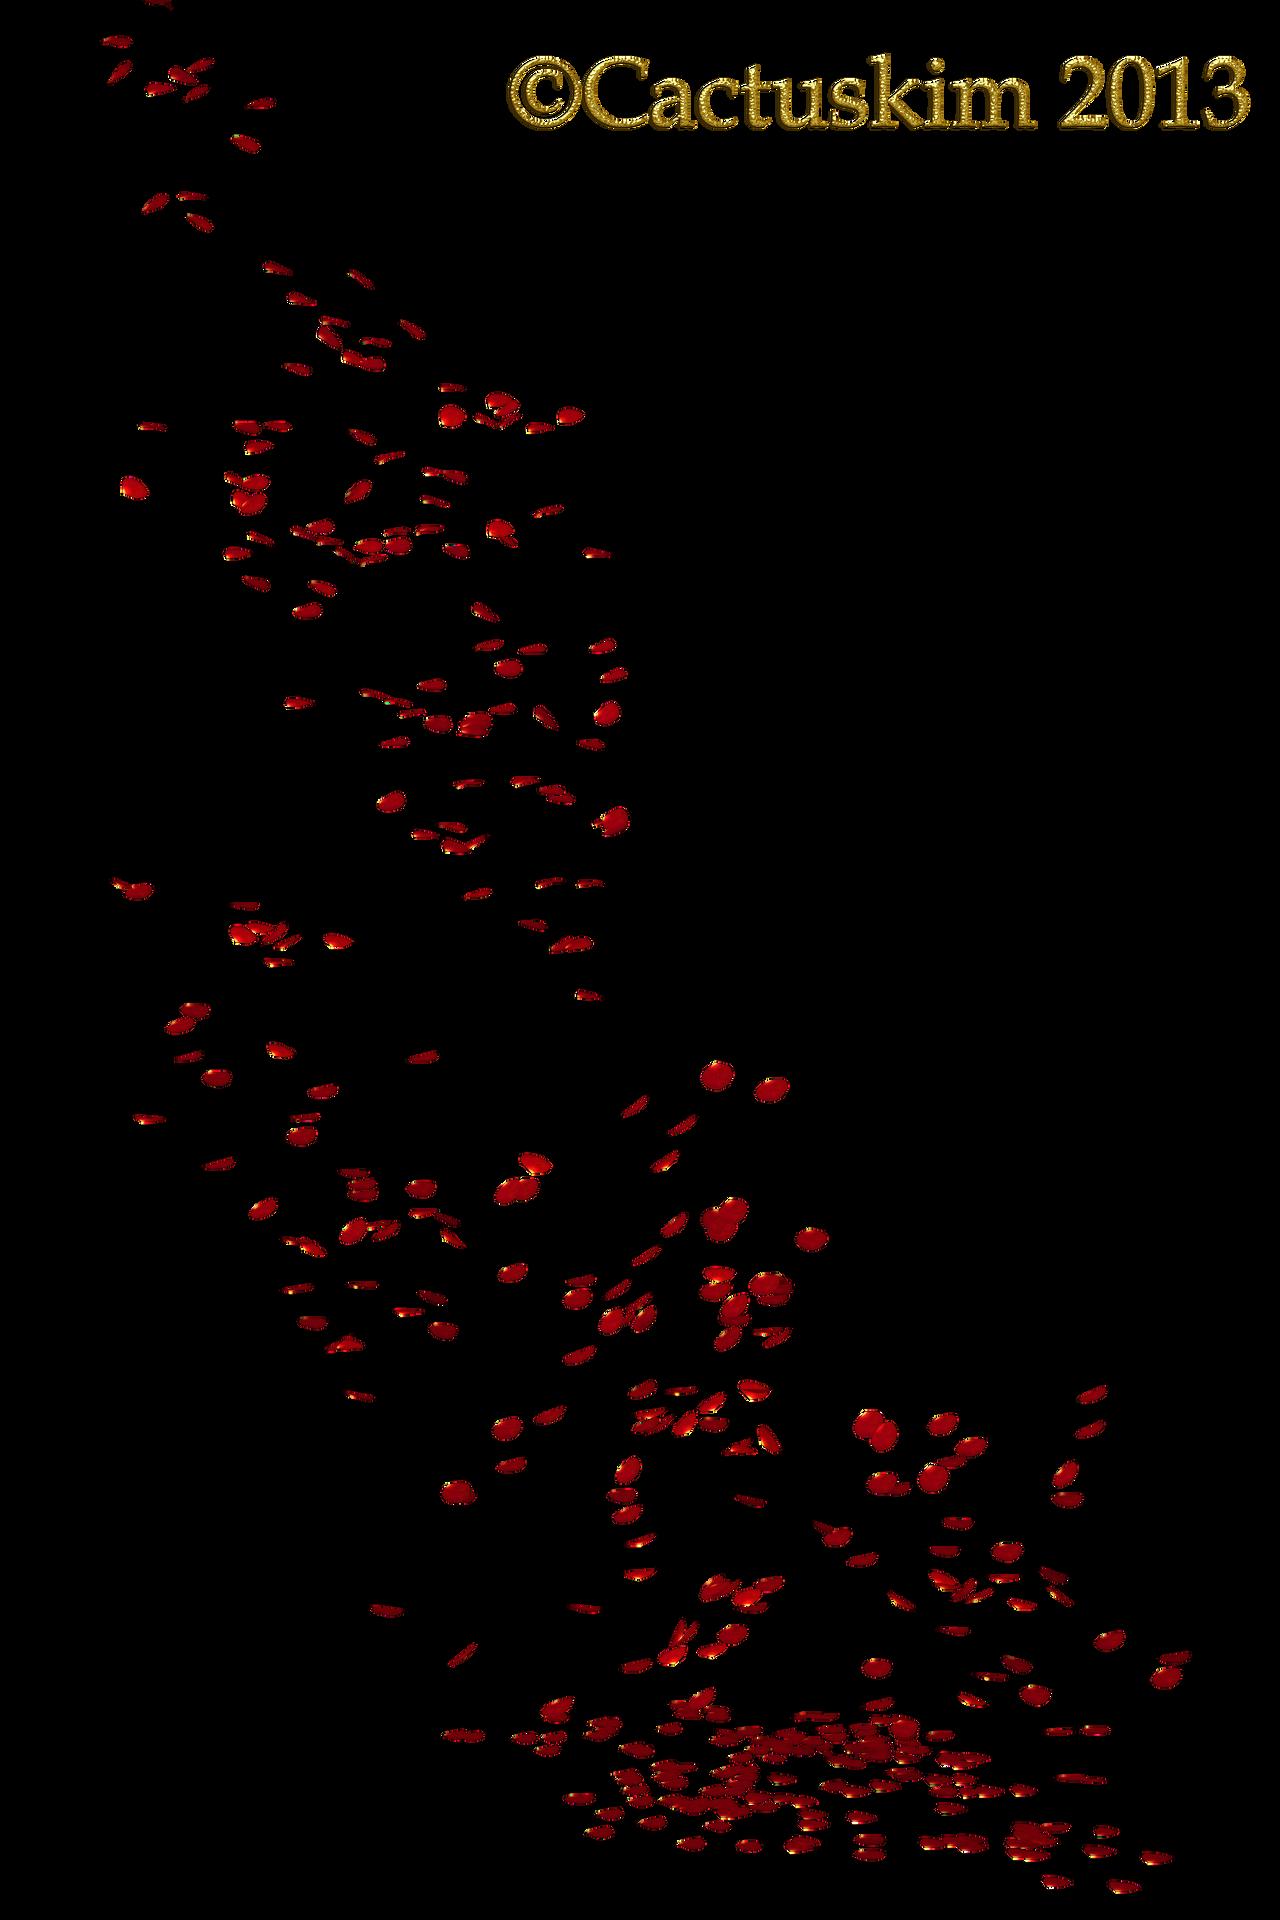 Falling Petals KL